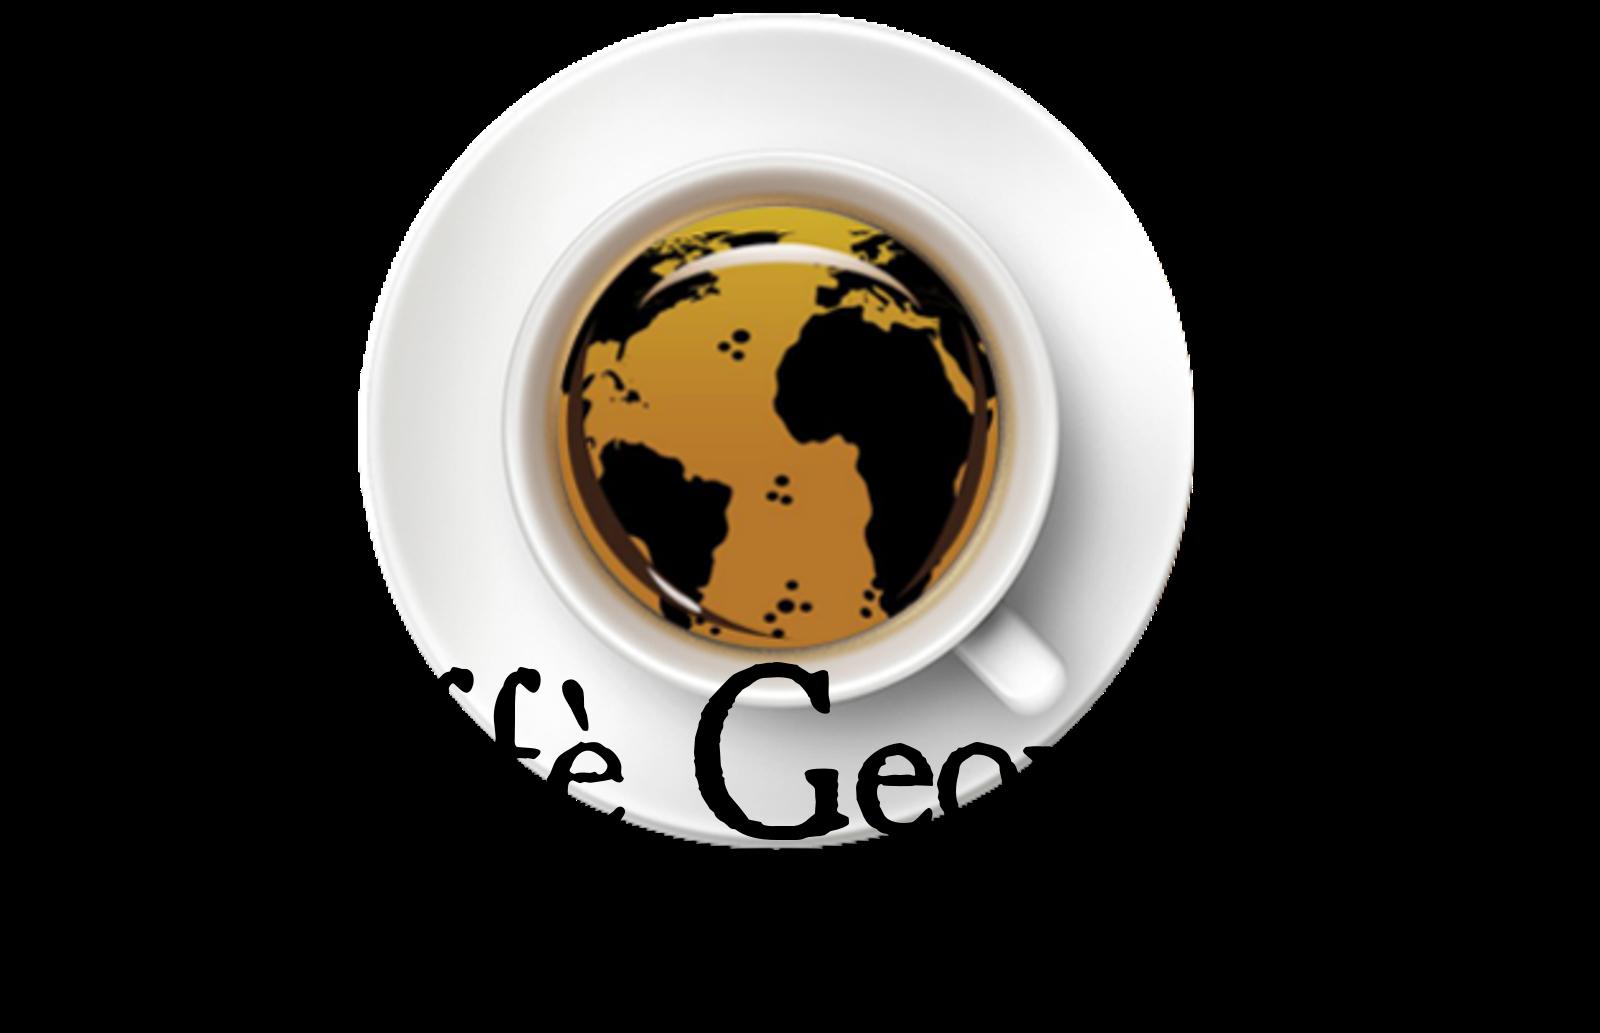 il caffé geopolitico logo